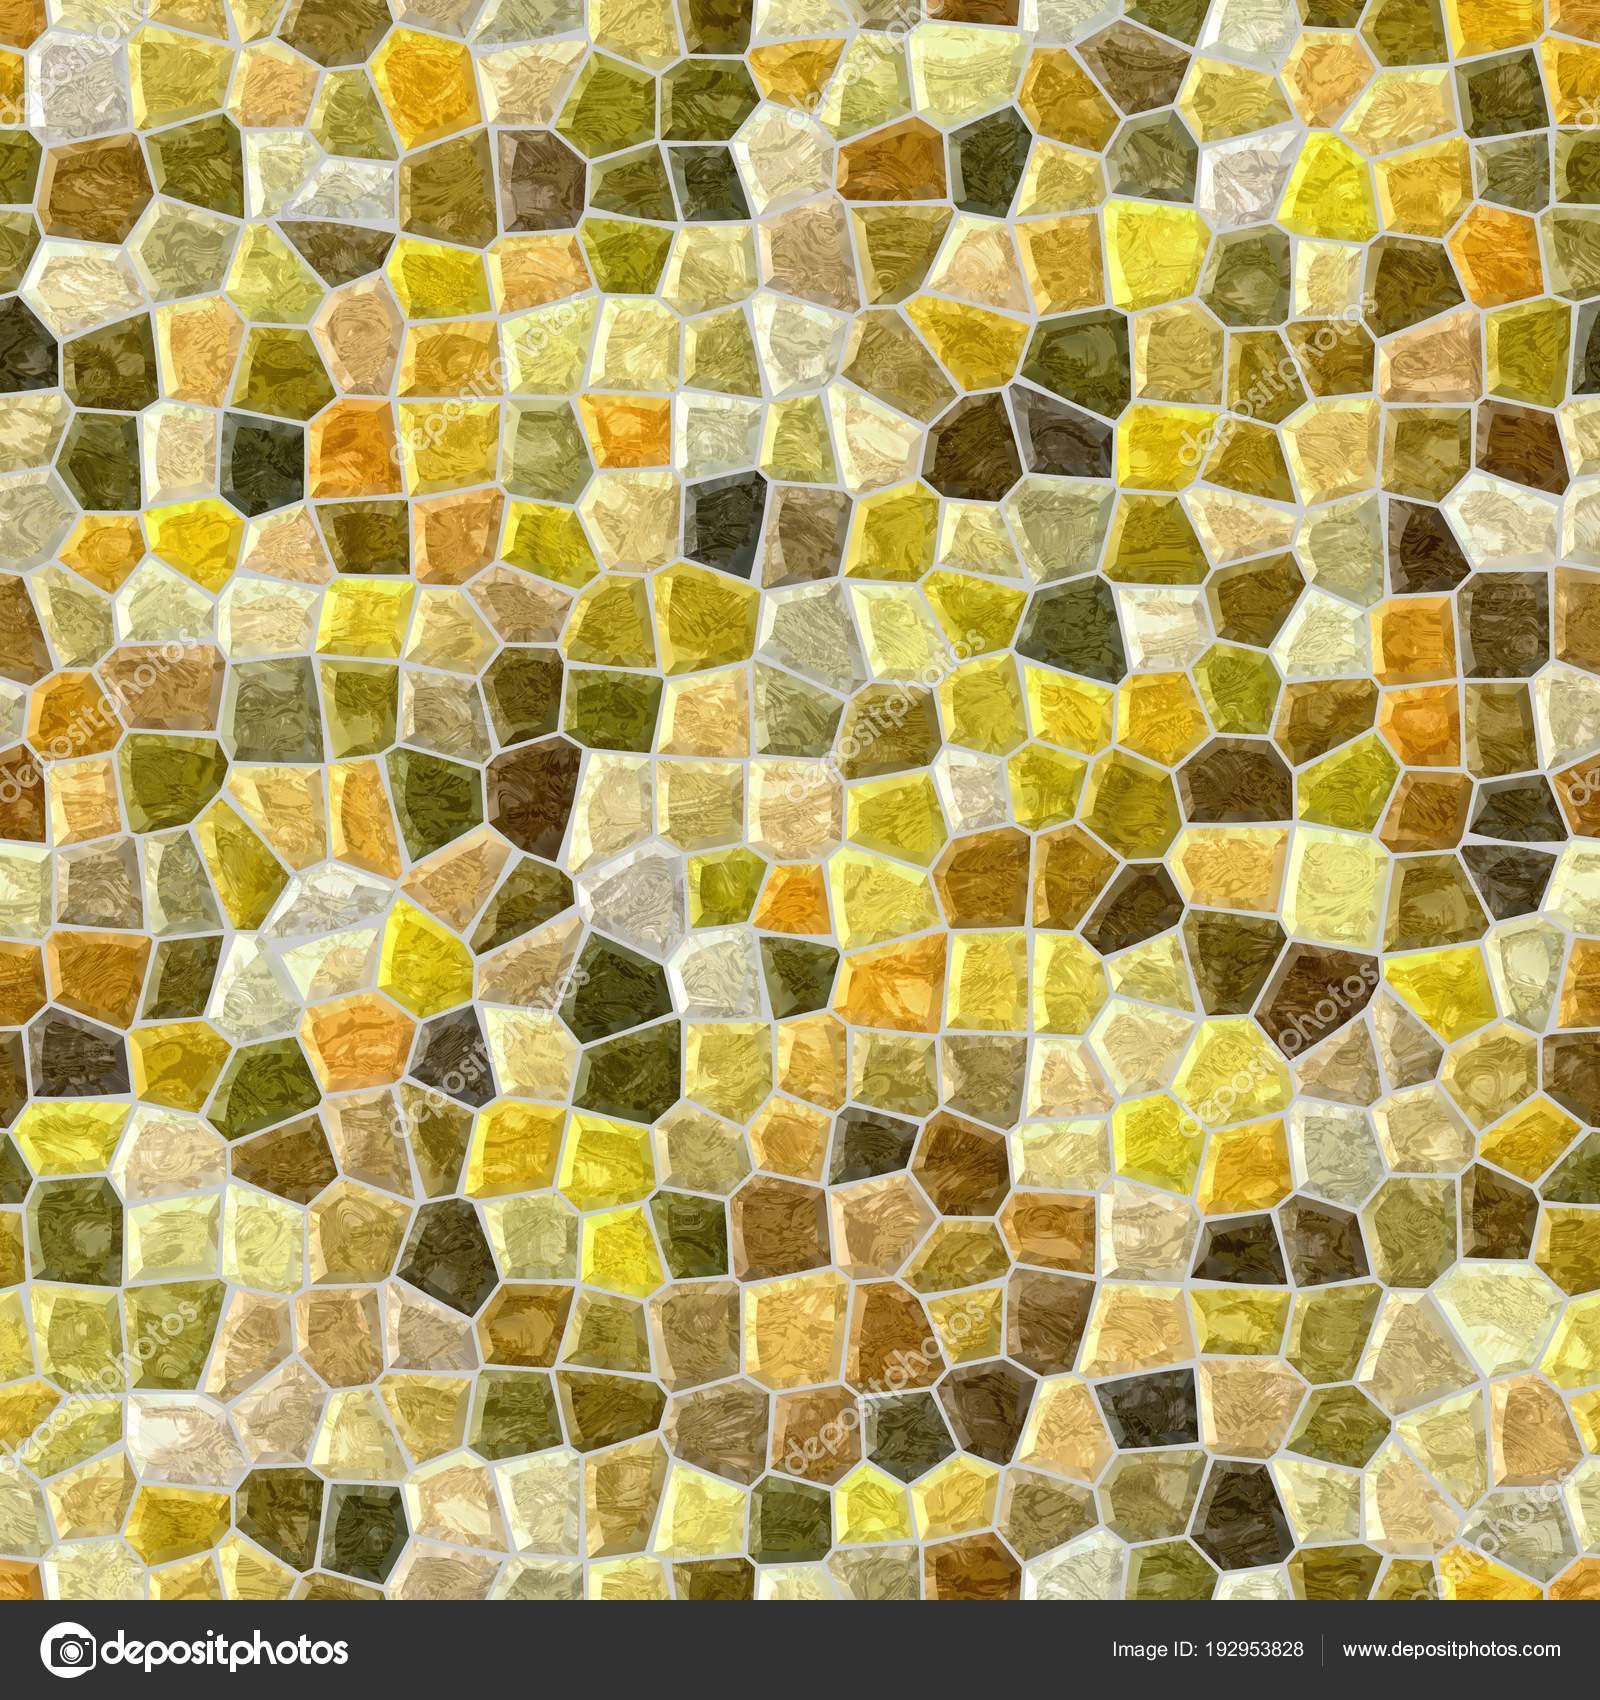 Oberfläche Boden Marmor-Mosaik Muster nahtlose Hintergrund mit grau ...